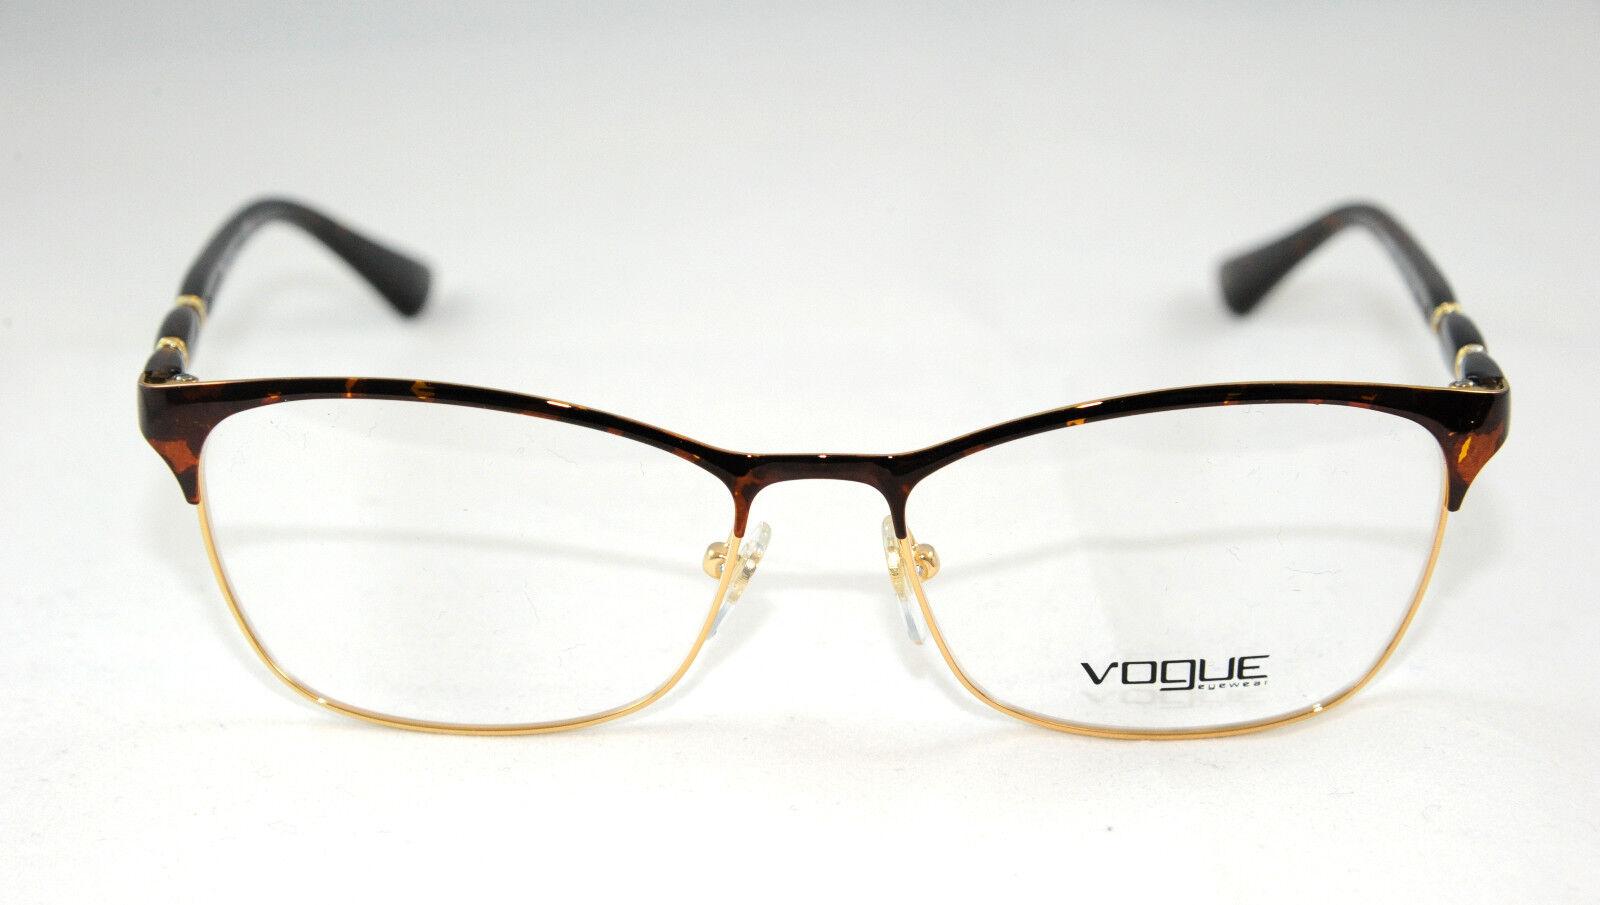 9959b5ad53651e Monture optique Vogue en Métal pour Femmes Code Vo3987 Nouvelle   eBay